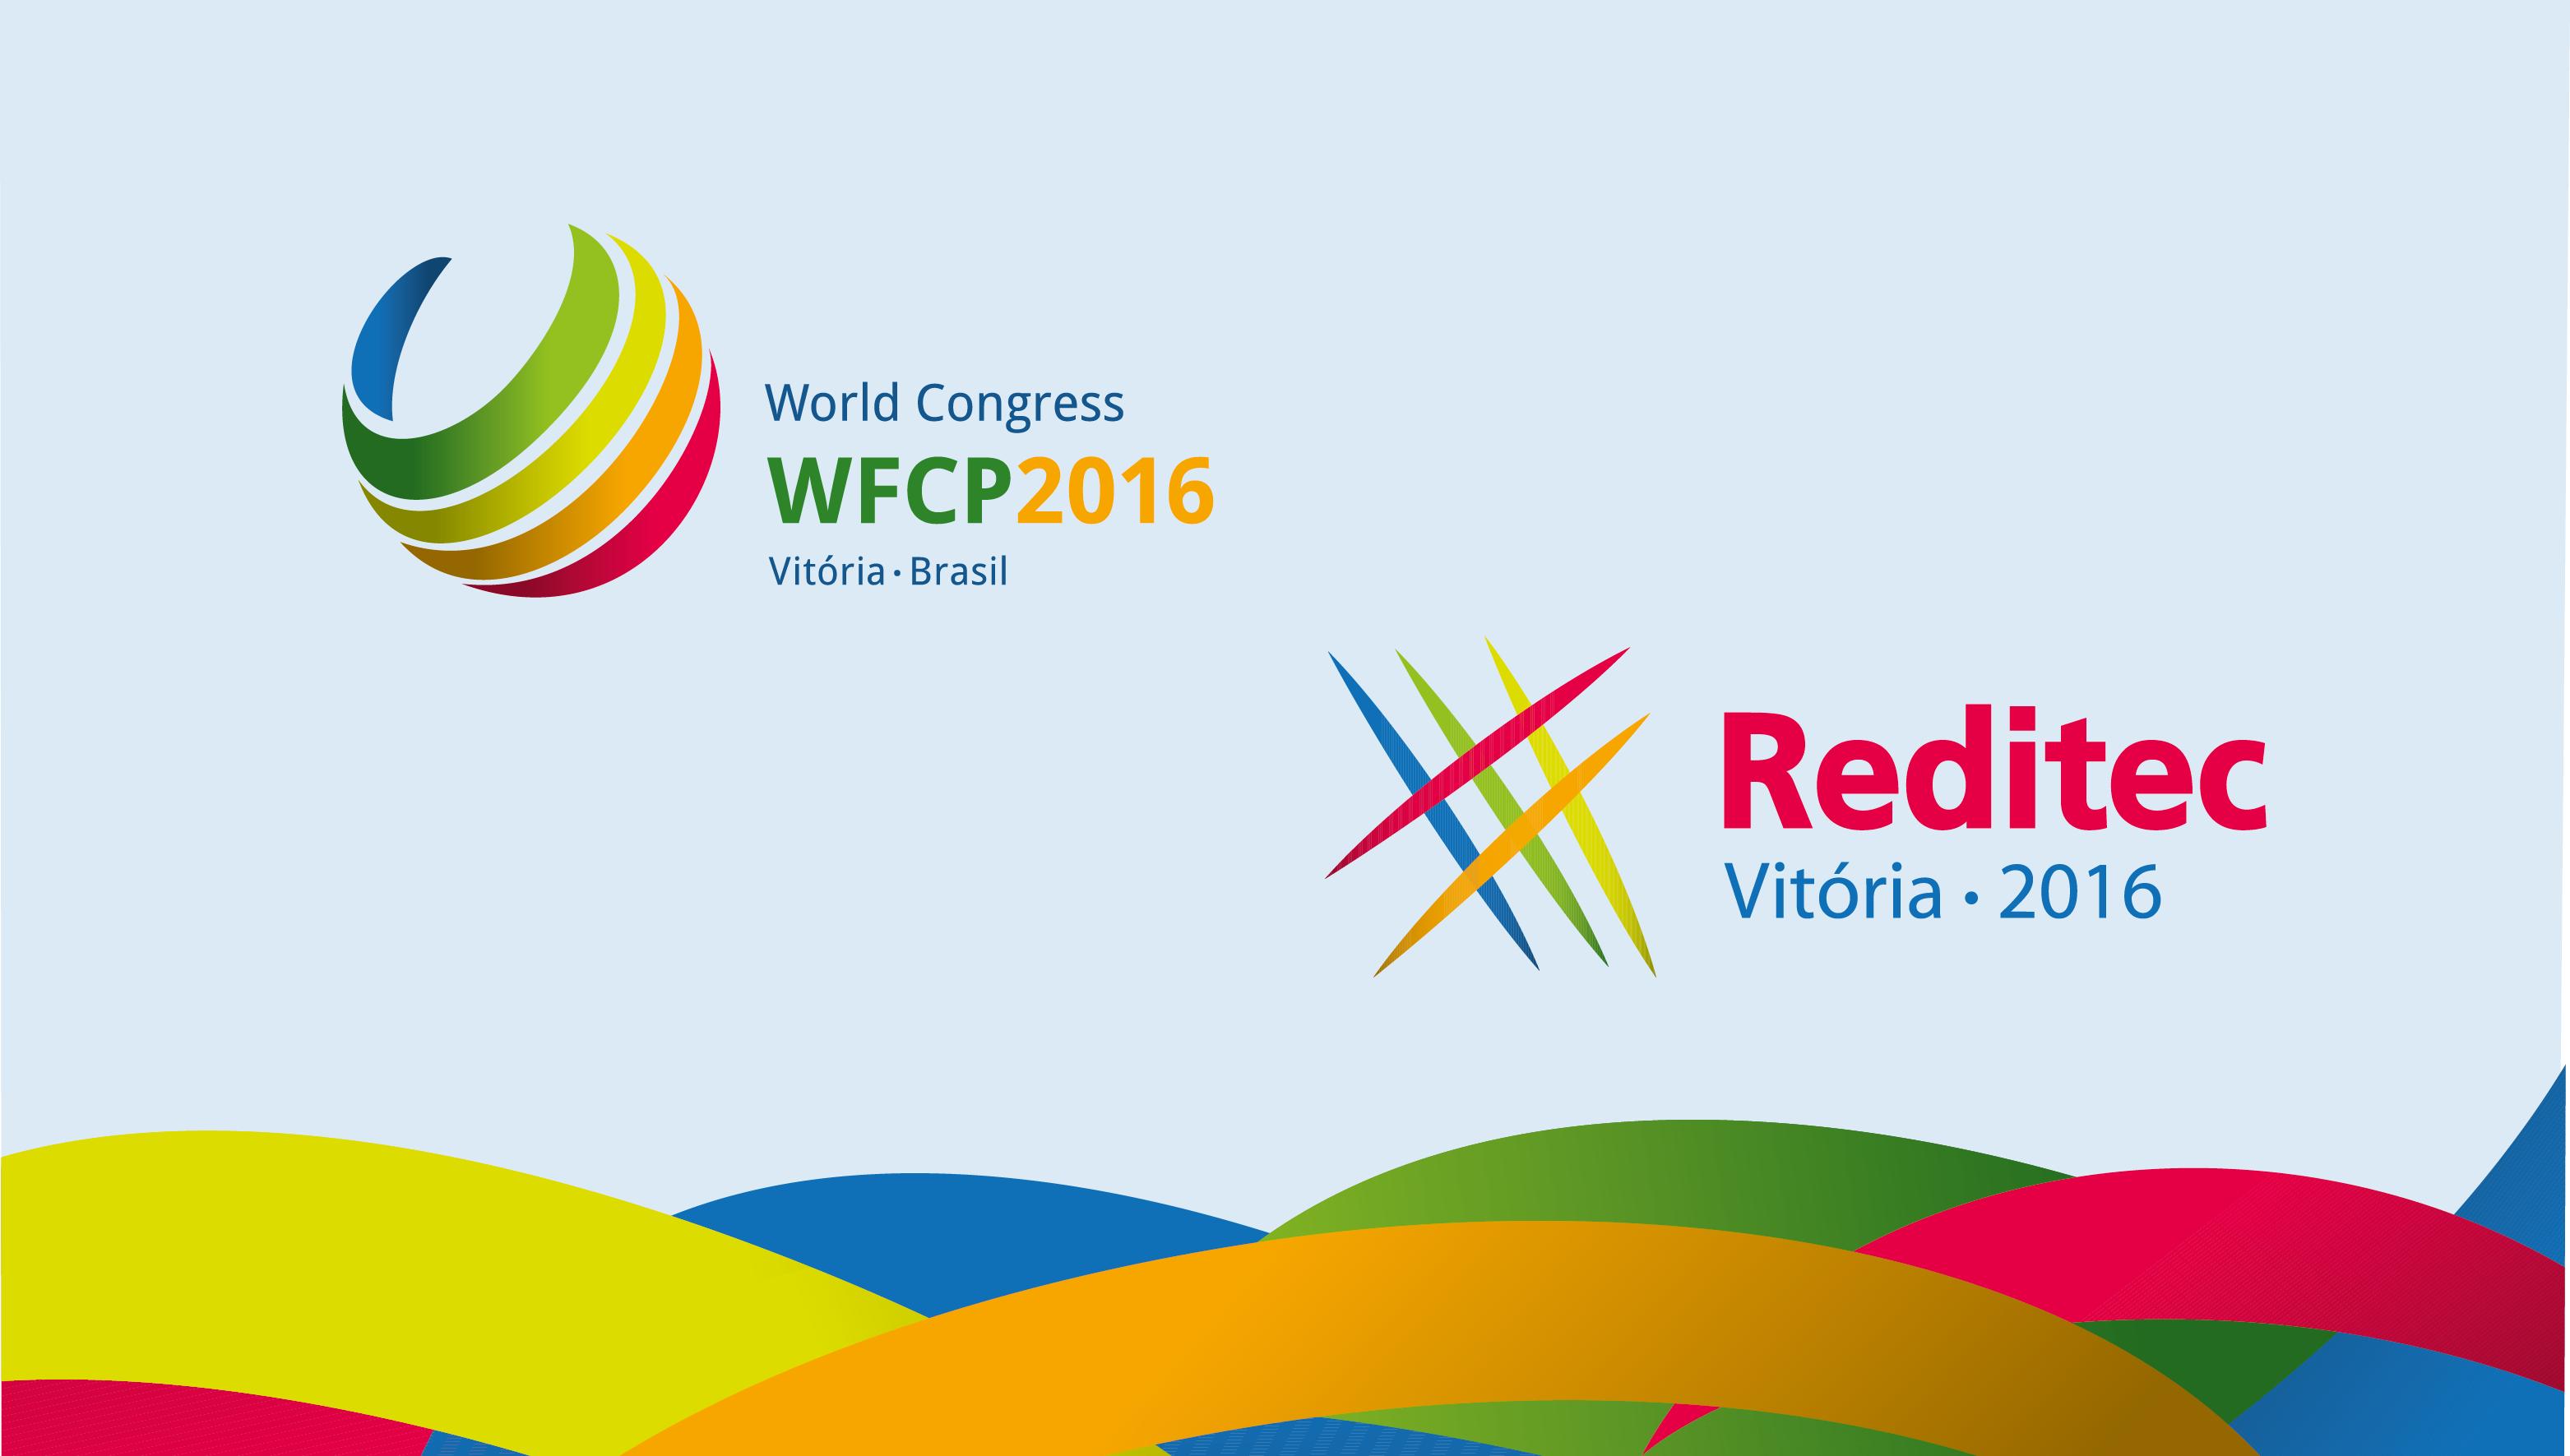 Ifes sedia o Congresso Internacional da WFCP e a 40ª Reditec